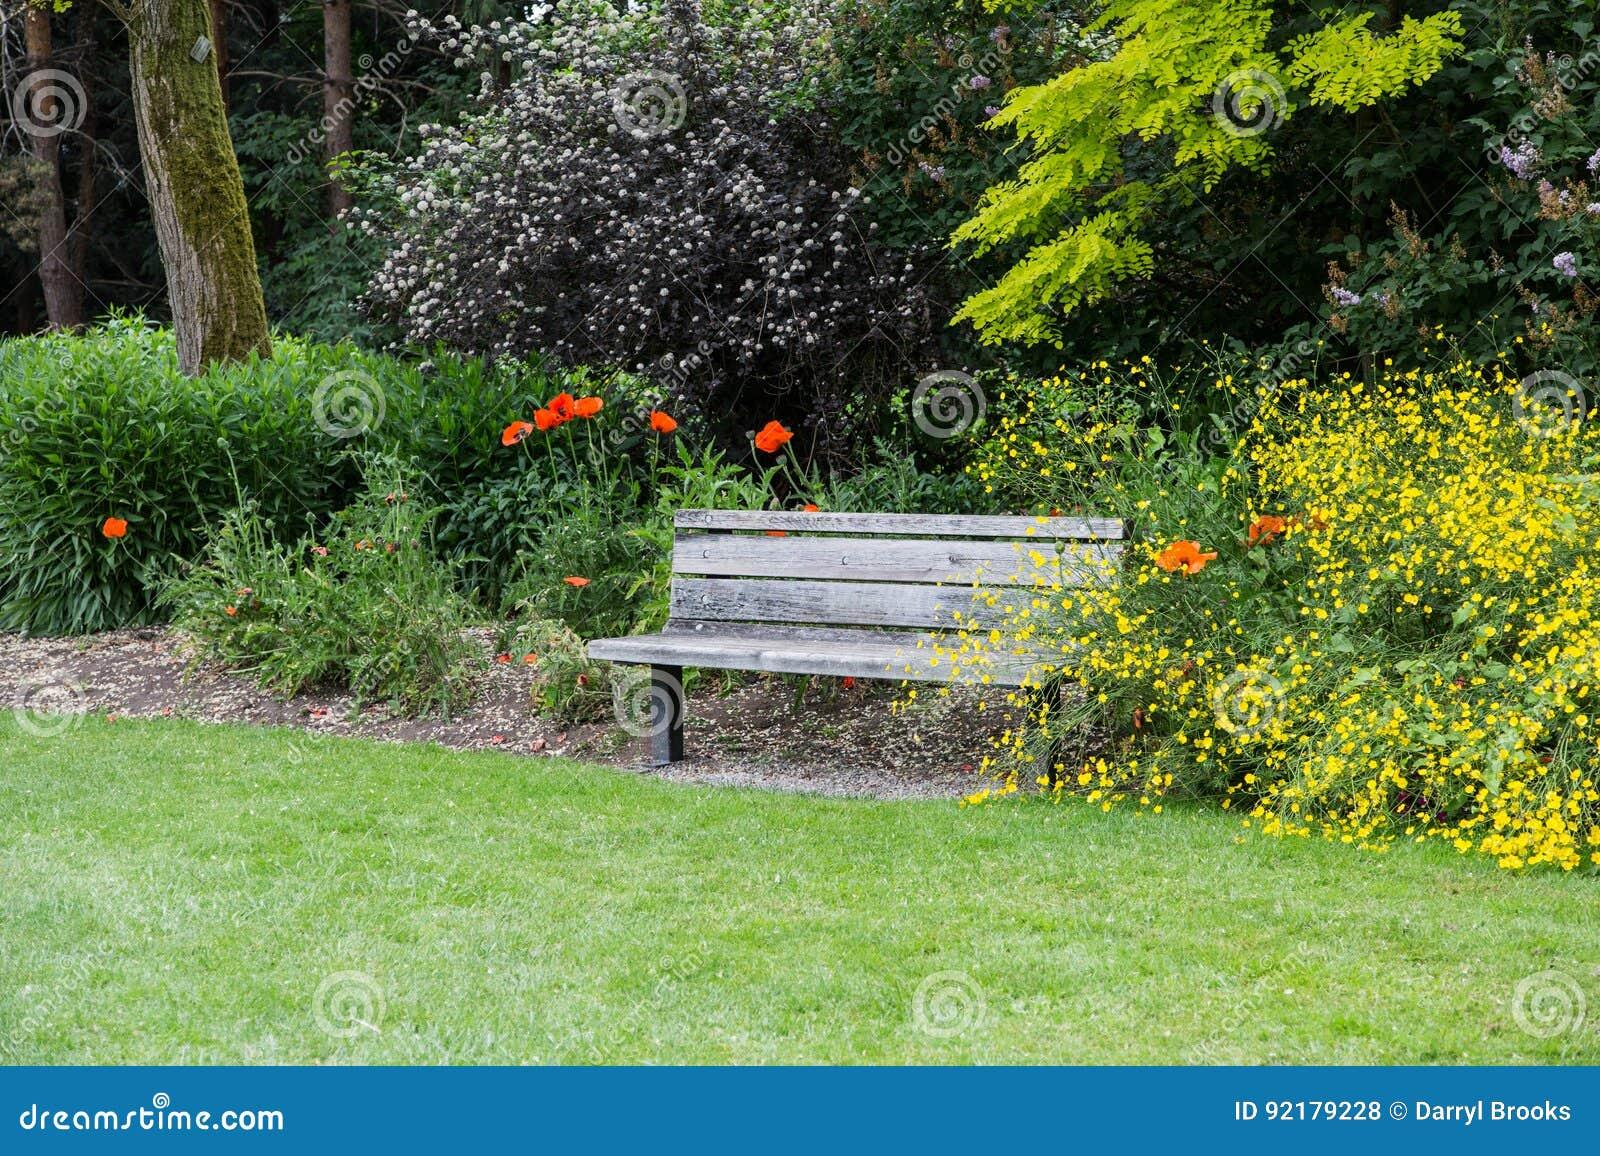 Vieux Banc De Jardin vieux banc en bois dans un jardin public photo stock - image